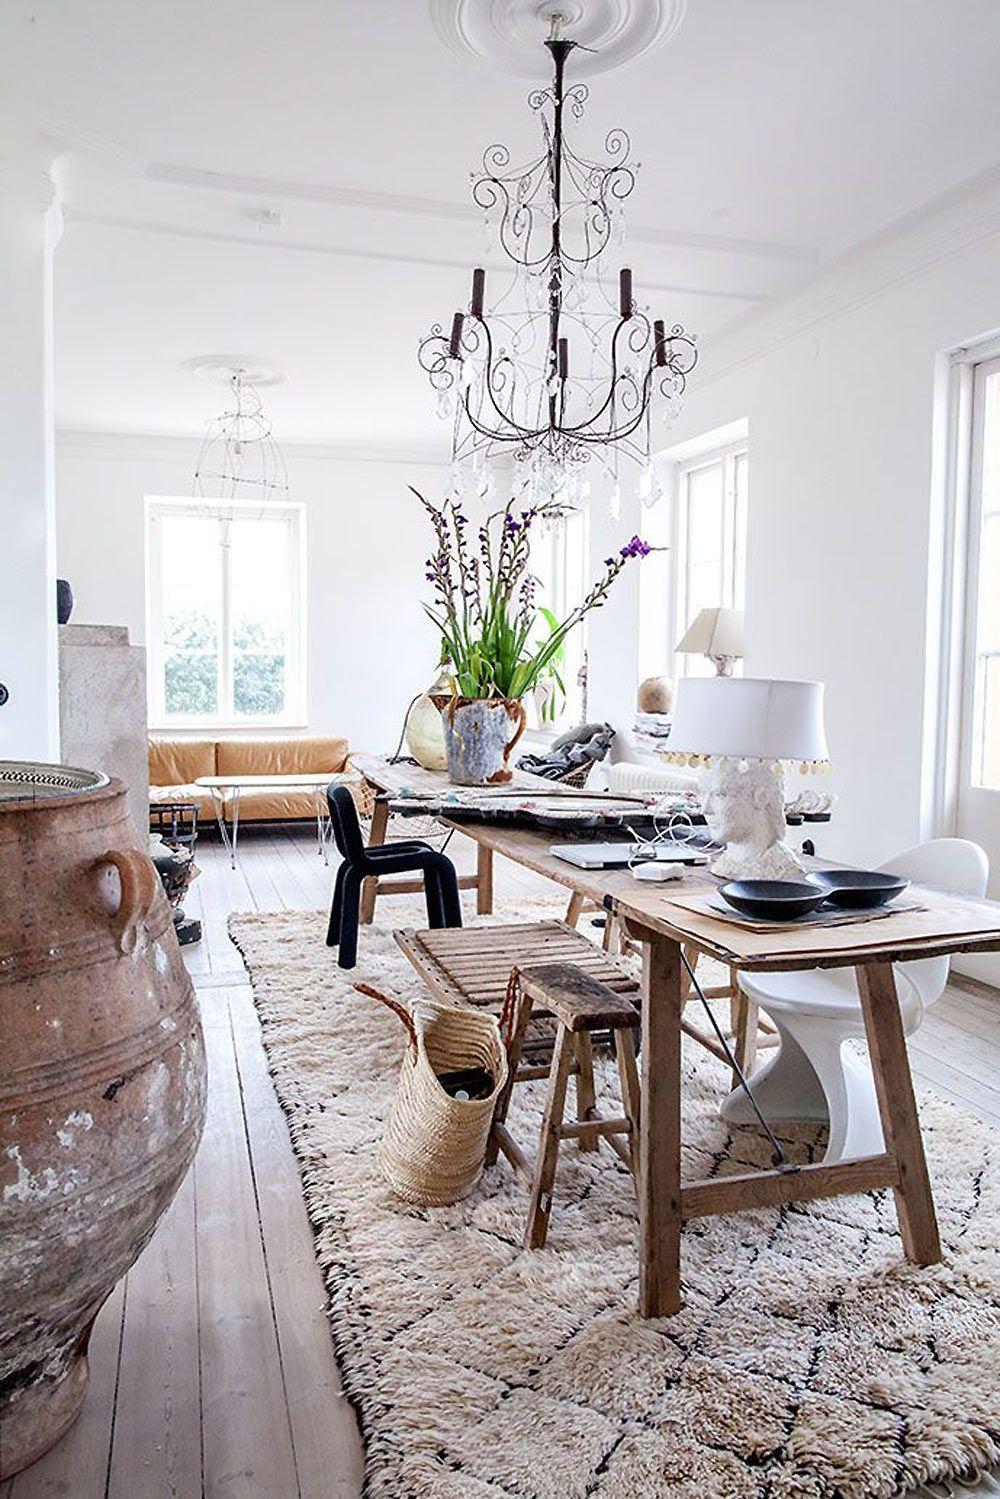 4. Kleed het hout aan Soms kan de combinatie van houtsoorten heel saai zijn of juist te heftig. Dit is heel makkelijk op te lossen door bijvoorbeeld een kleed op de vloer te leggen, zoals hierboven. Het kleed vormt een interessante buffer tussen de houten vloer en tafel en geeft de kamer een coole twist.  Bron:  küchendesign #decodesign #housedesign #asiandesign #designtrends #designblogs #designideas #homeliving #livingspaces